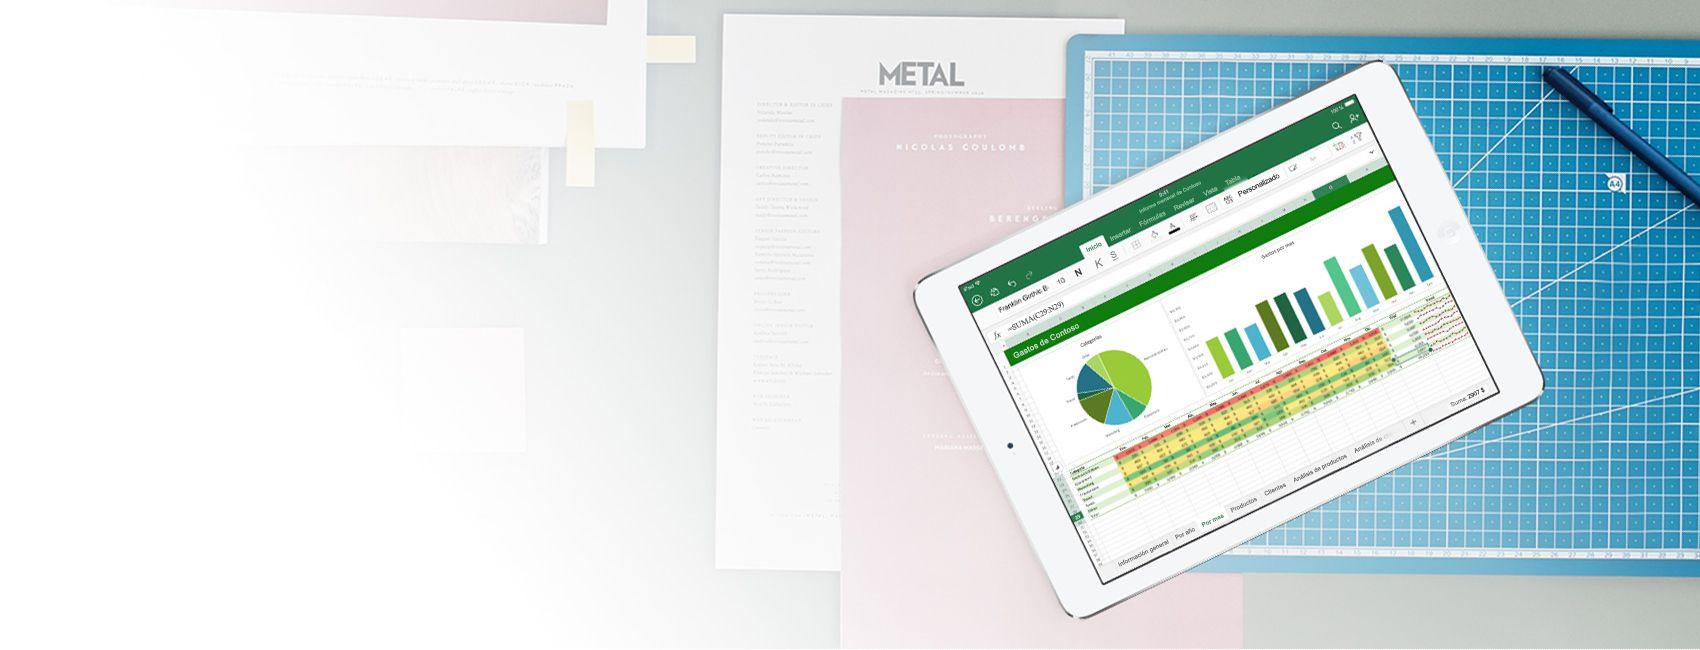 Un iPad que muestra una hoja de cálculo y un gráfico de Excel en la aplicación de Excel para iOS